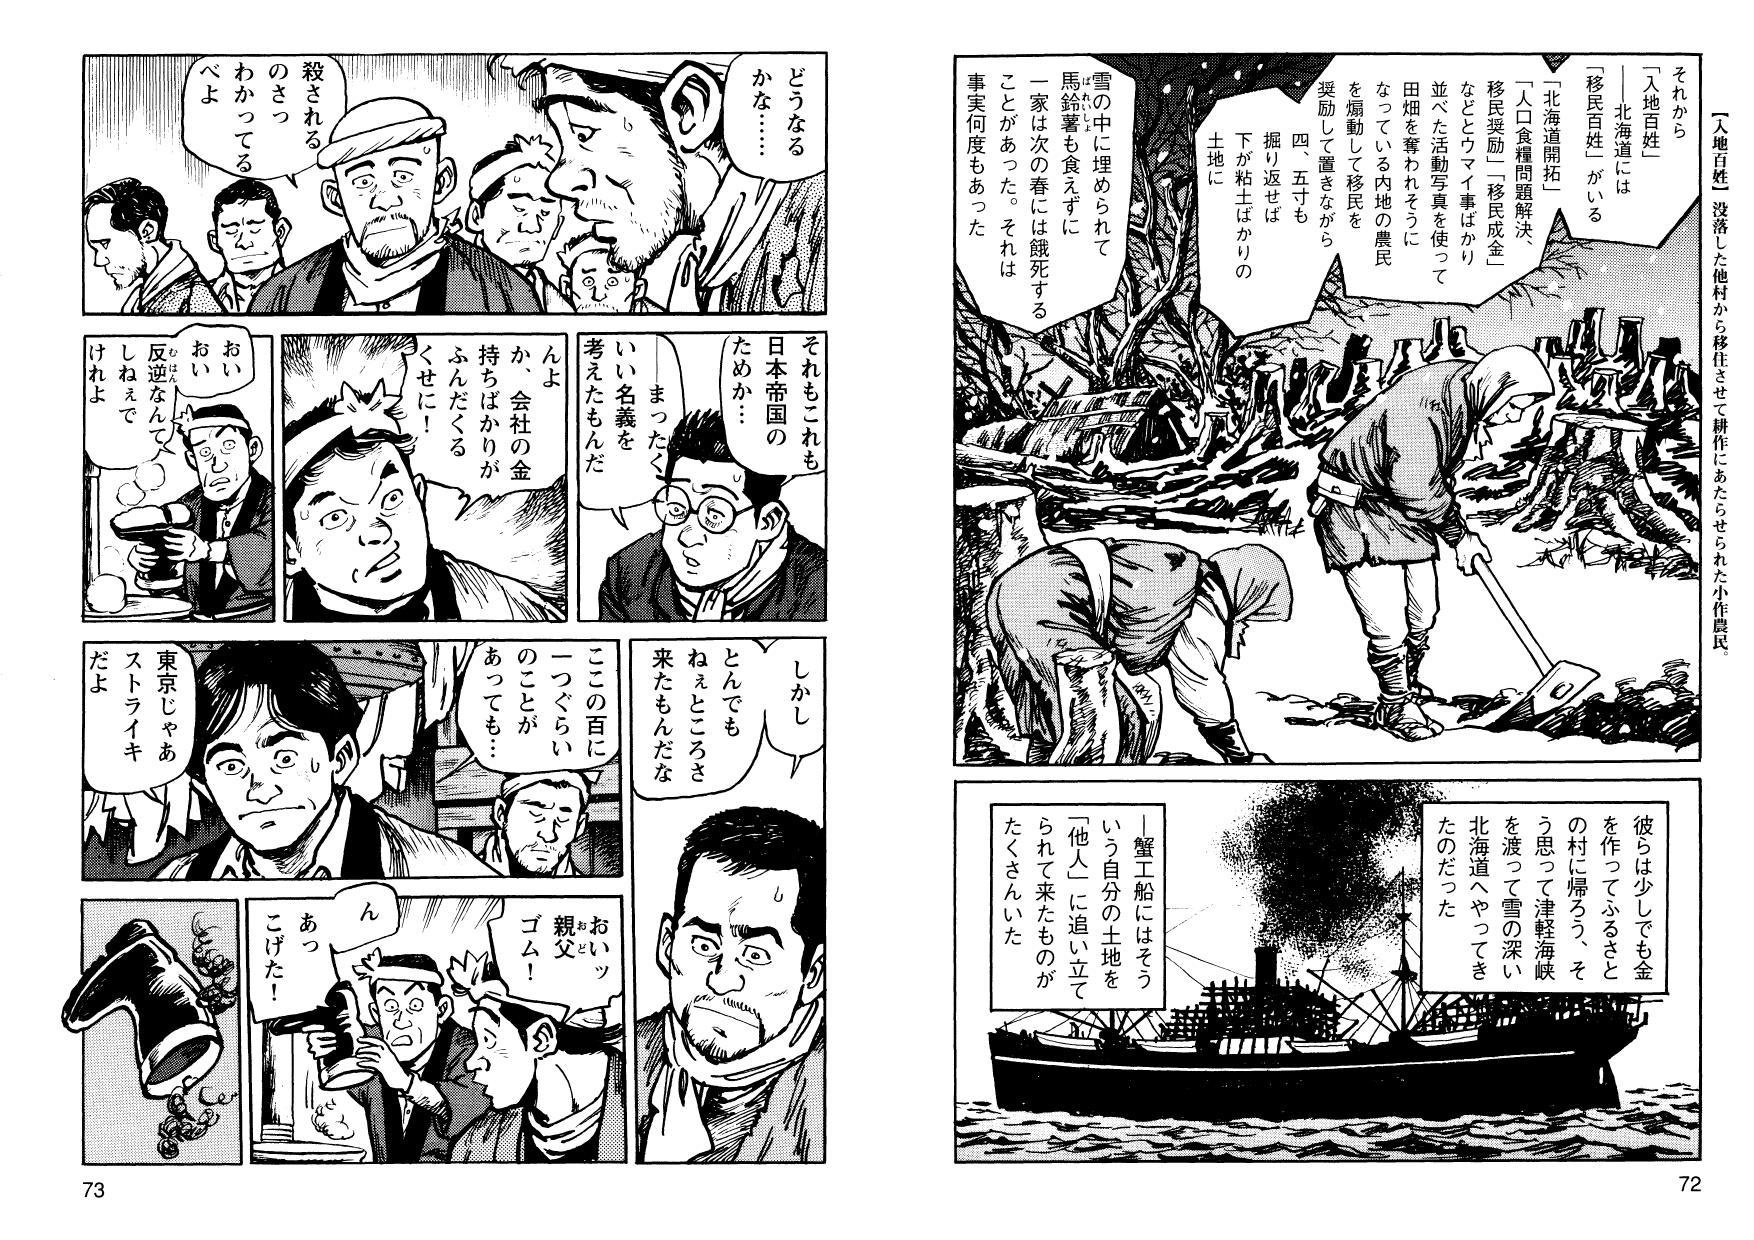 kani_cmc_000037.jpg